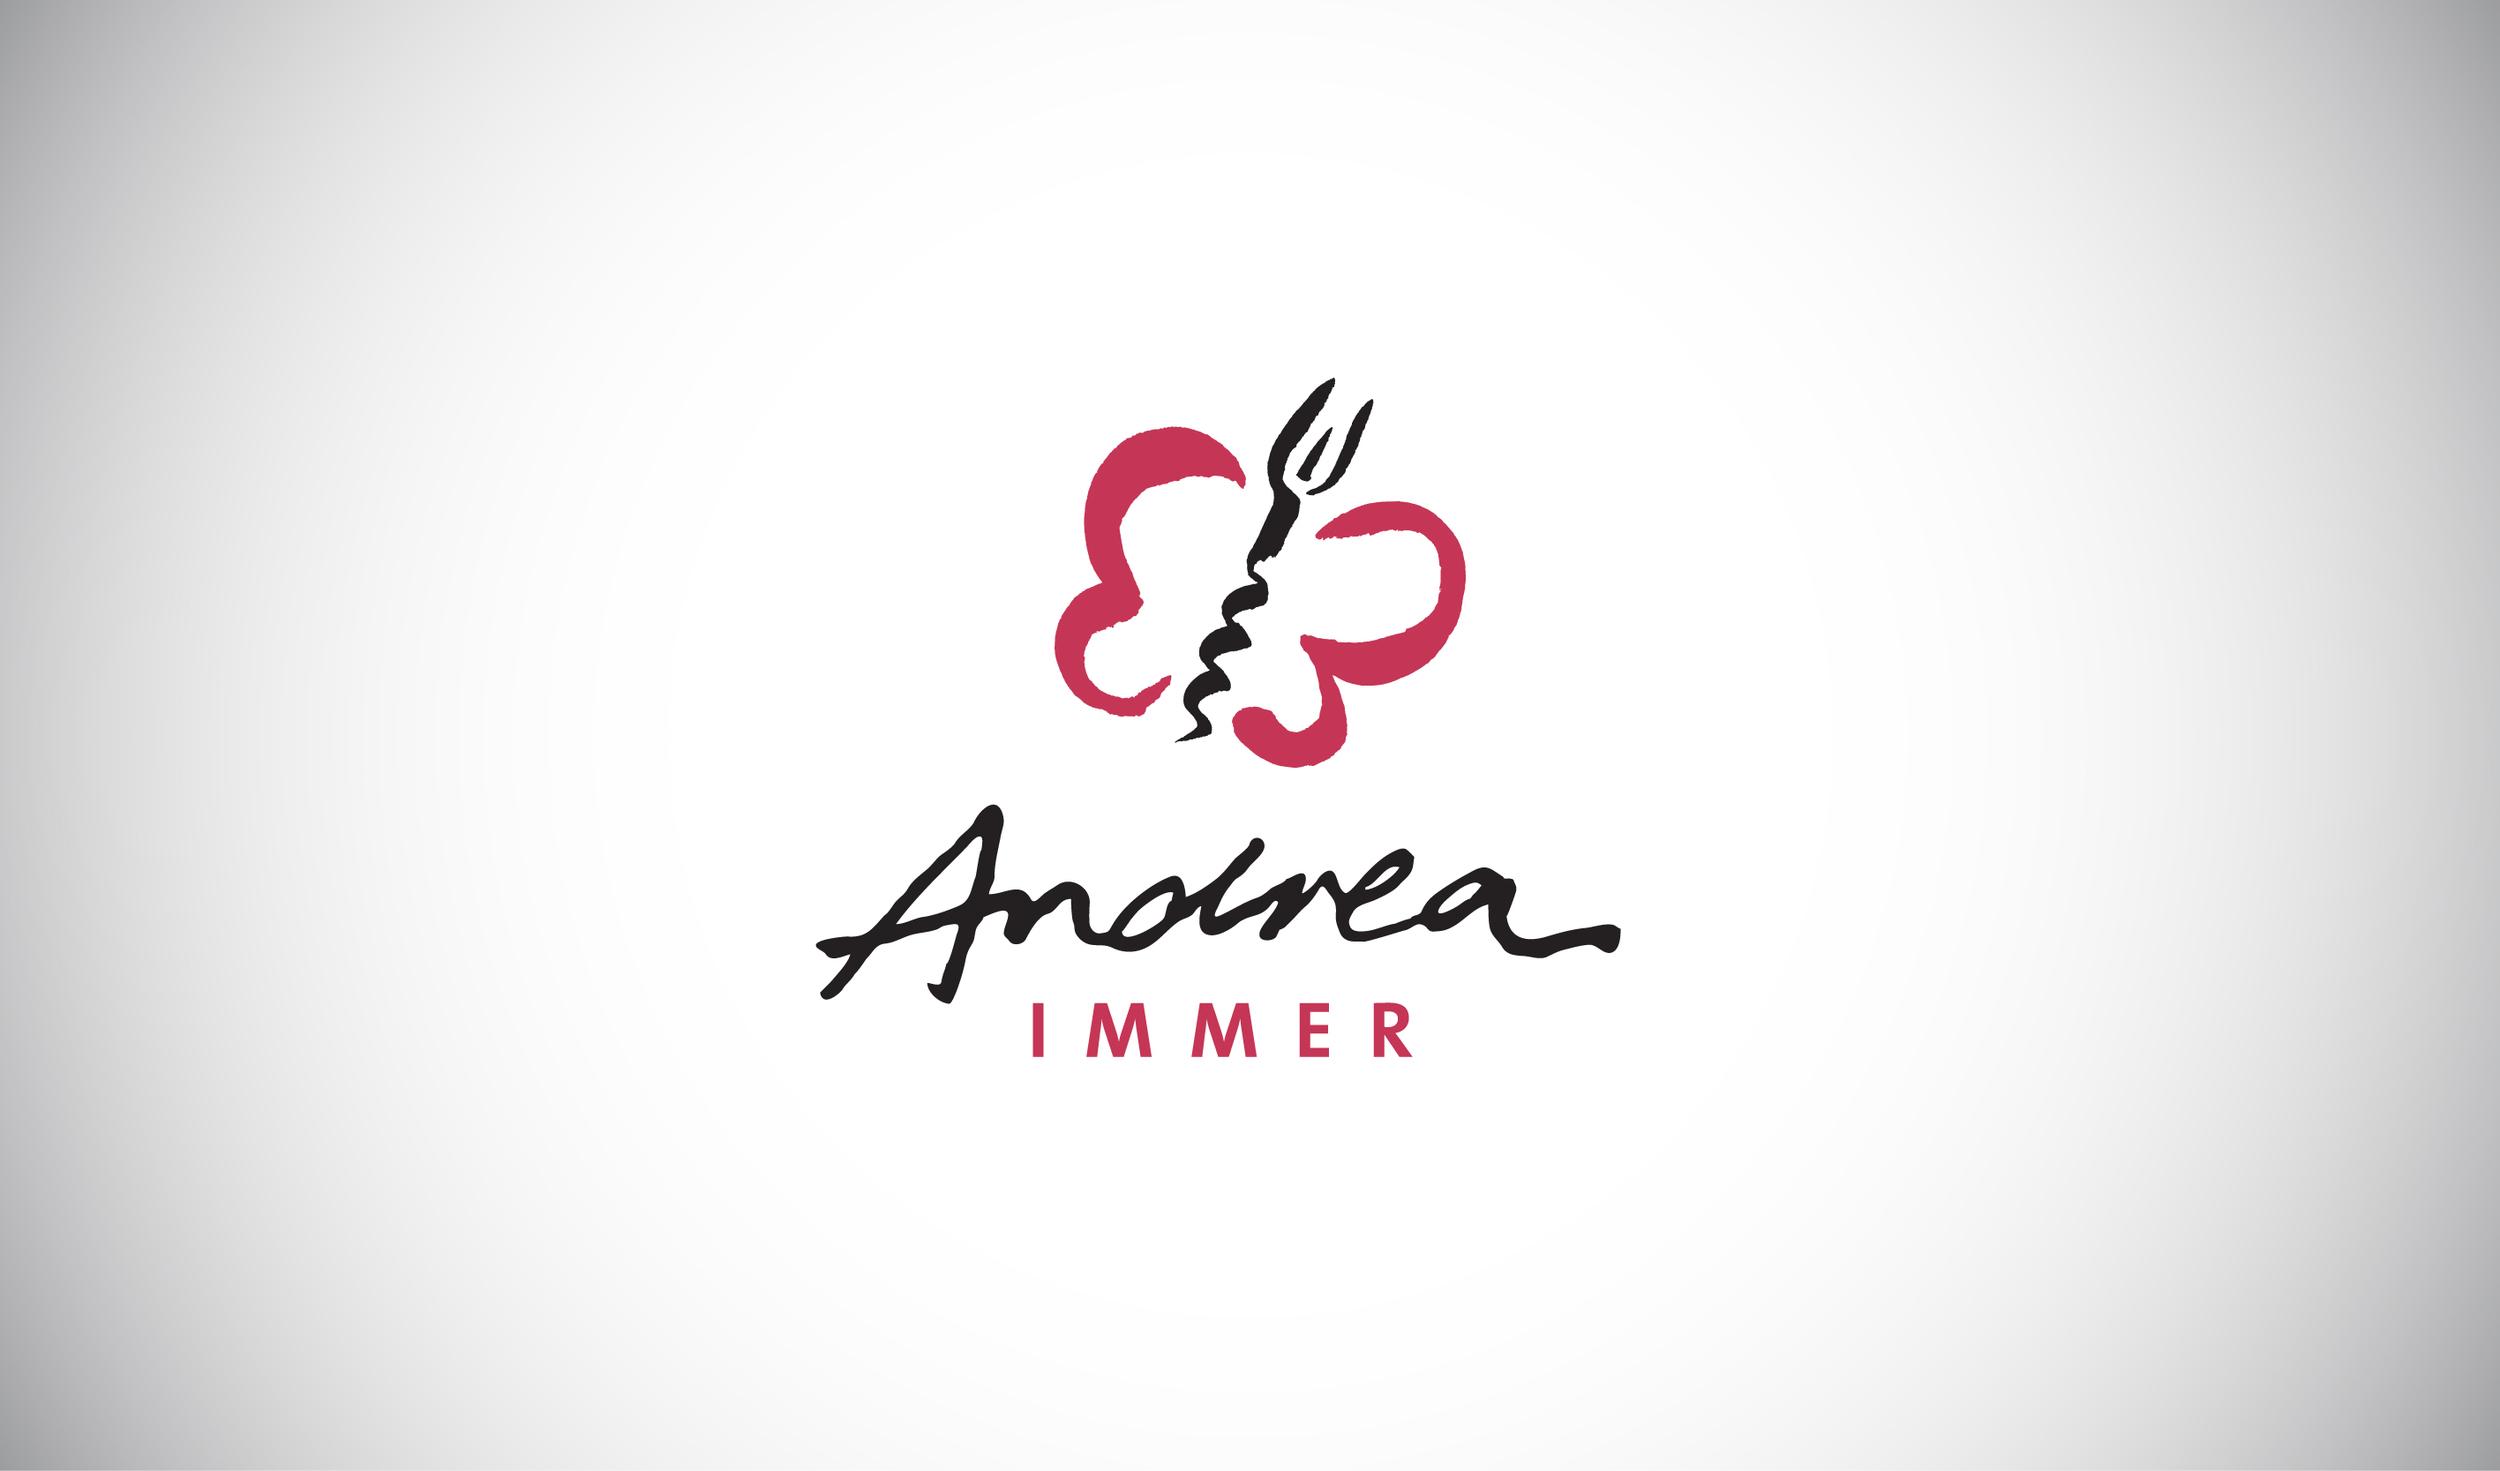 Andrea-01.jpg